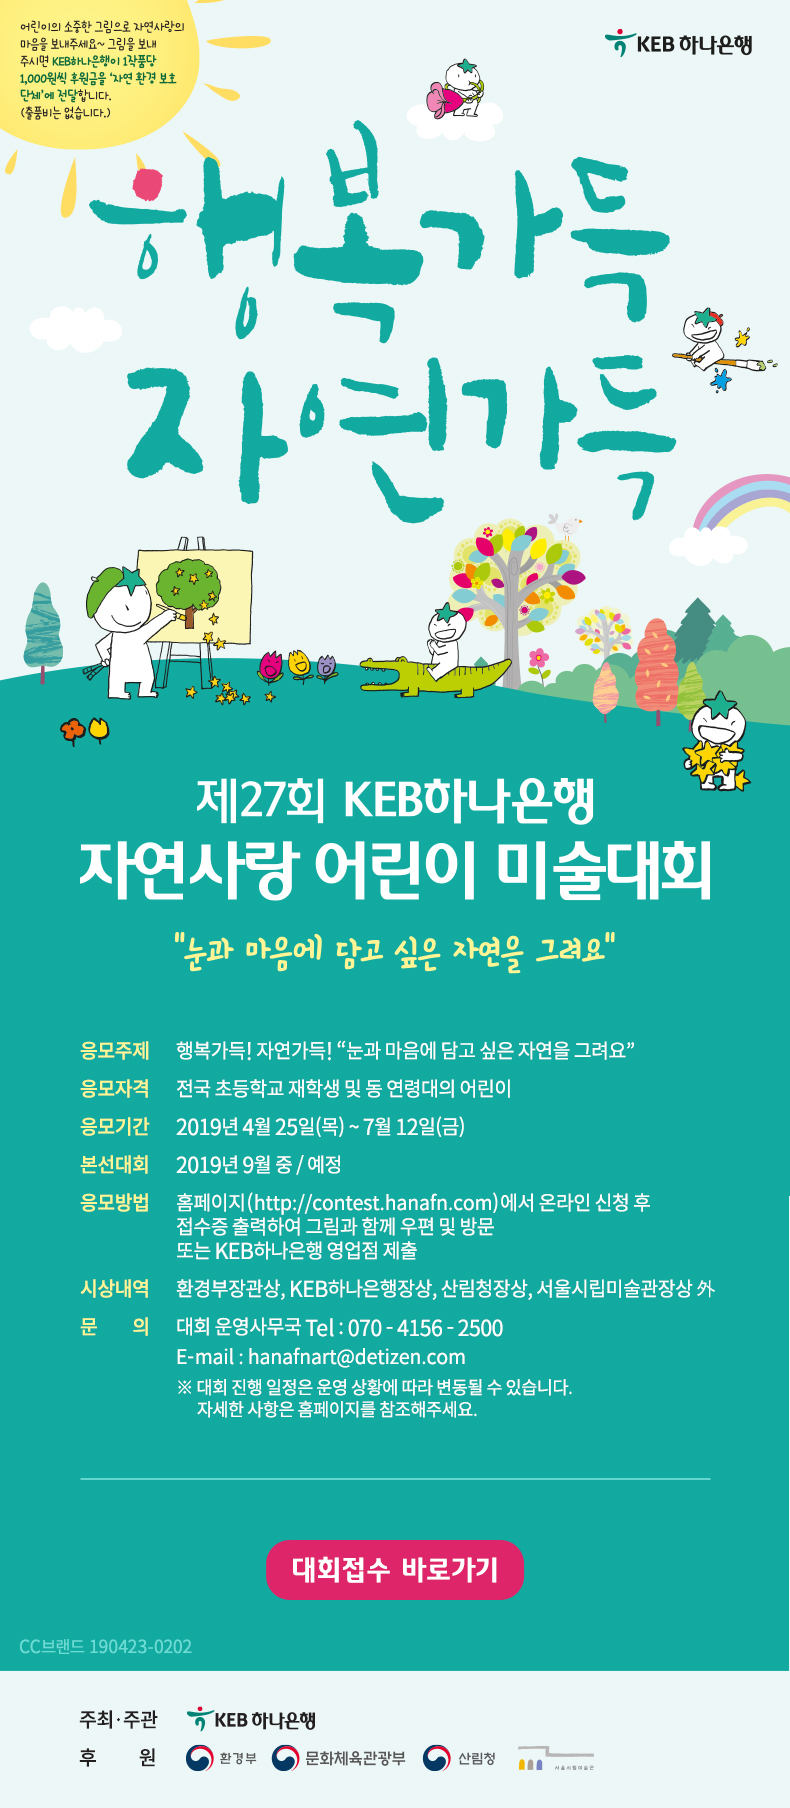 제27회 KEB하나은행 자연사랑 어린이 미술대회